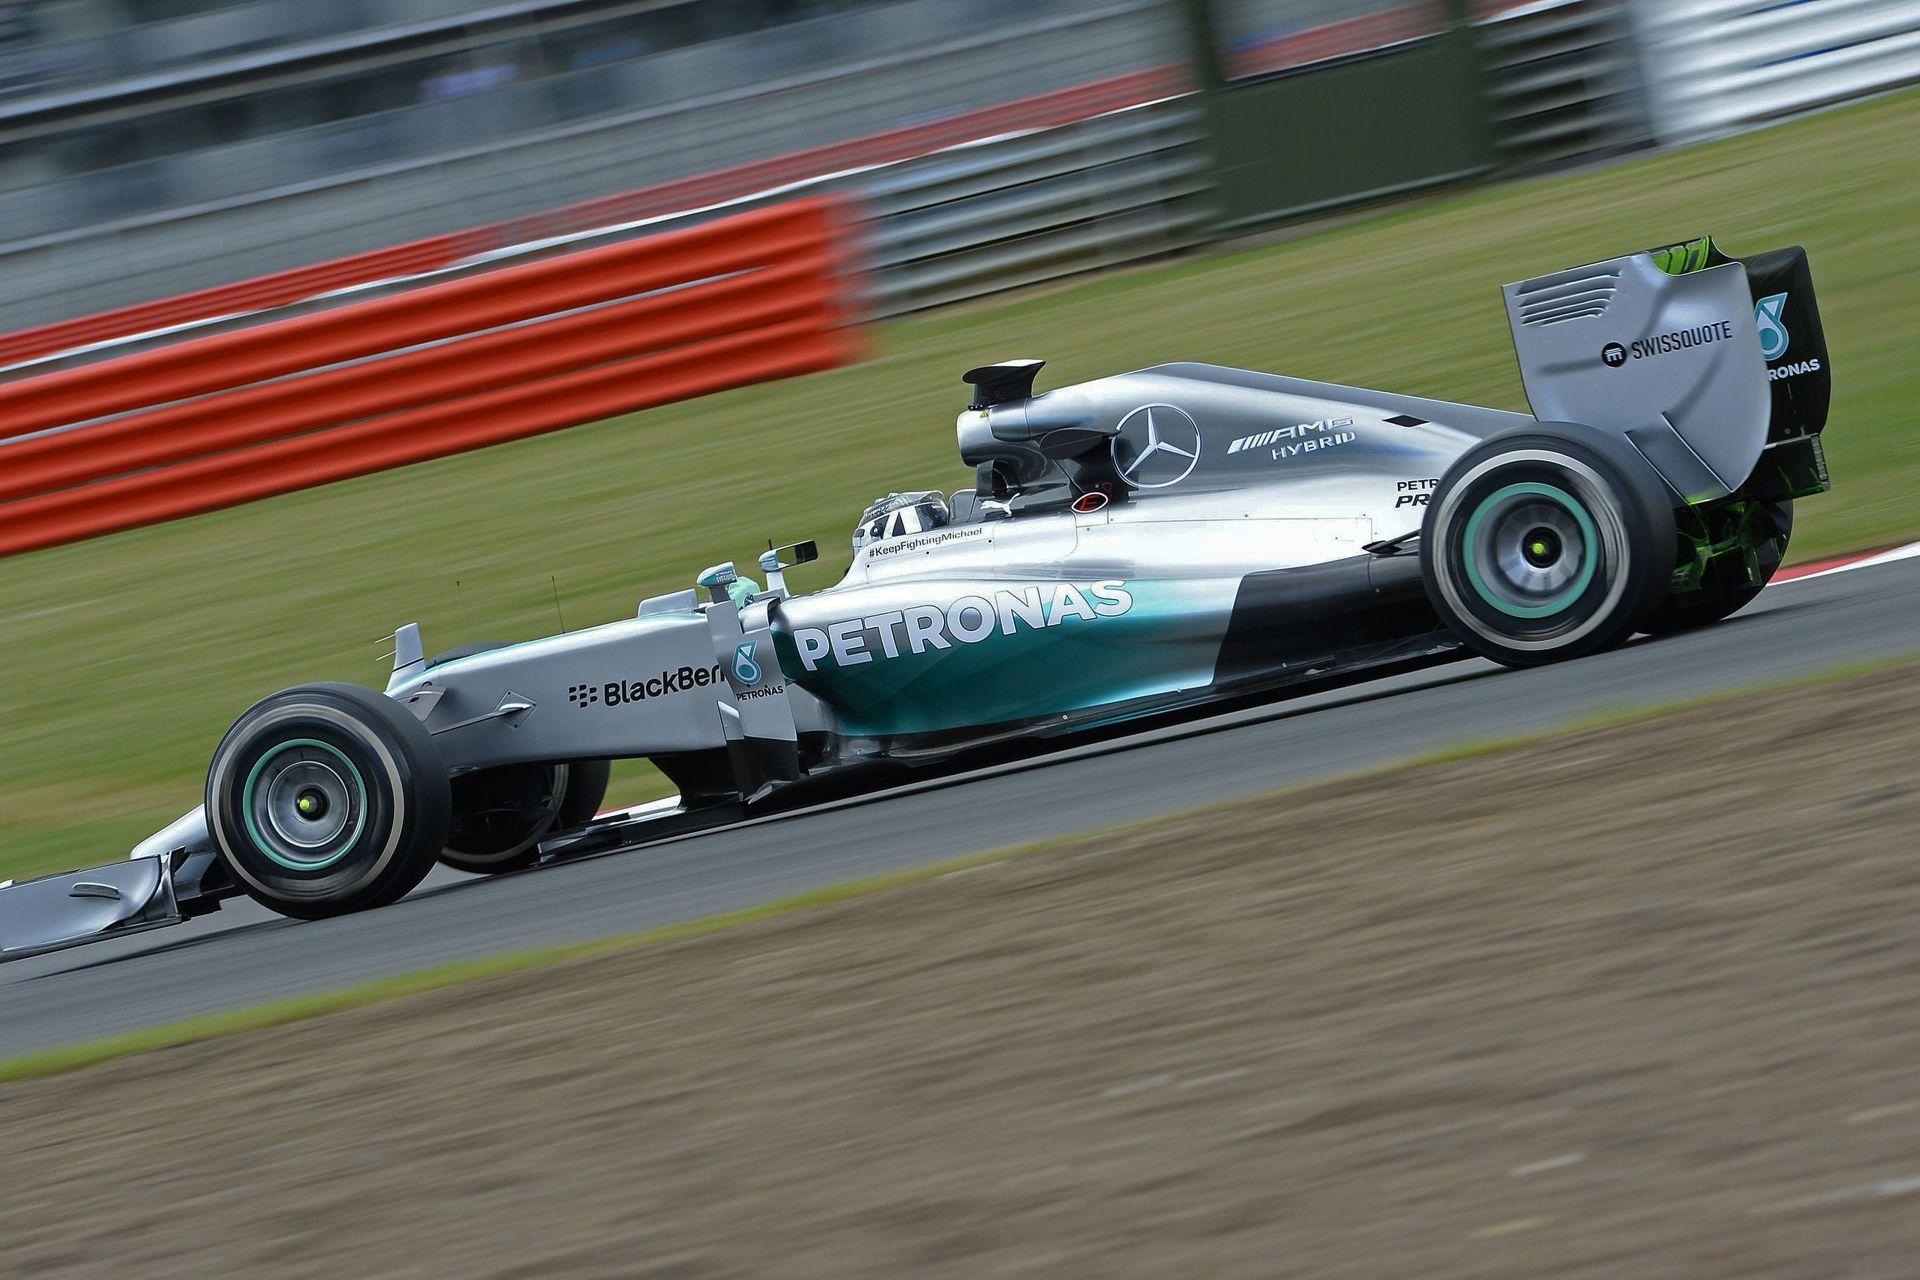 Hivatalos felvételek a 2016-os F1-es Mercedesről: W07 Hibrid